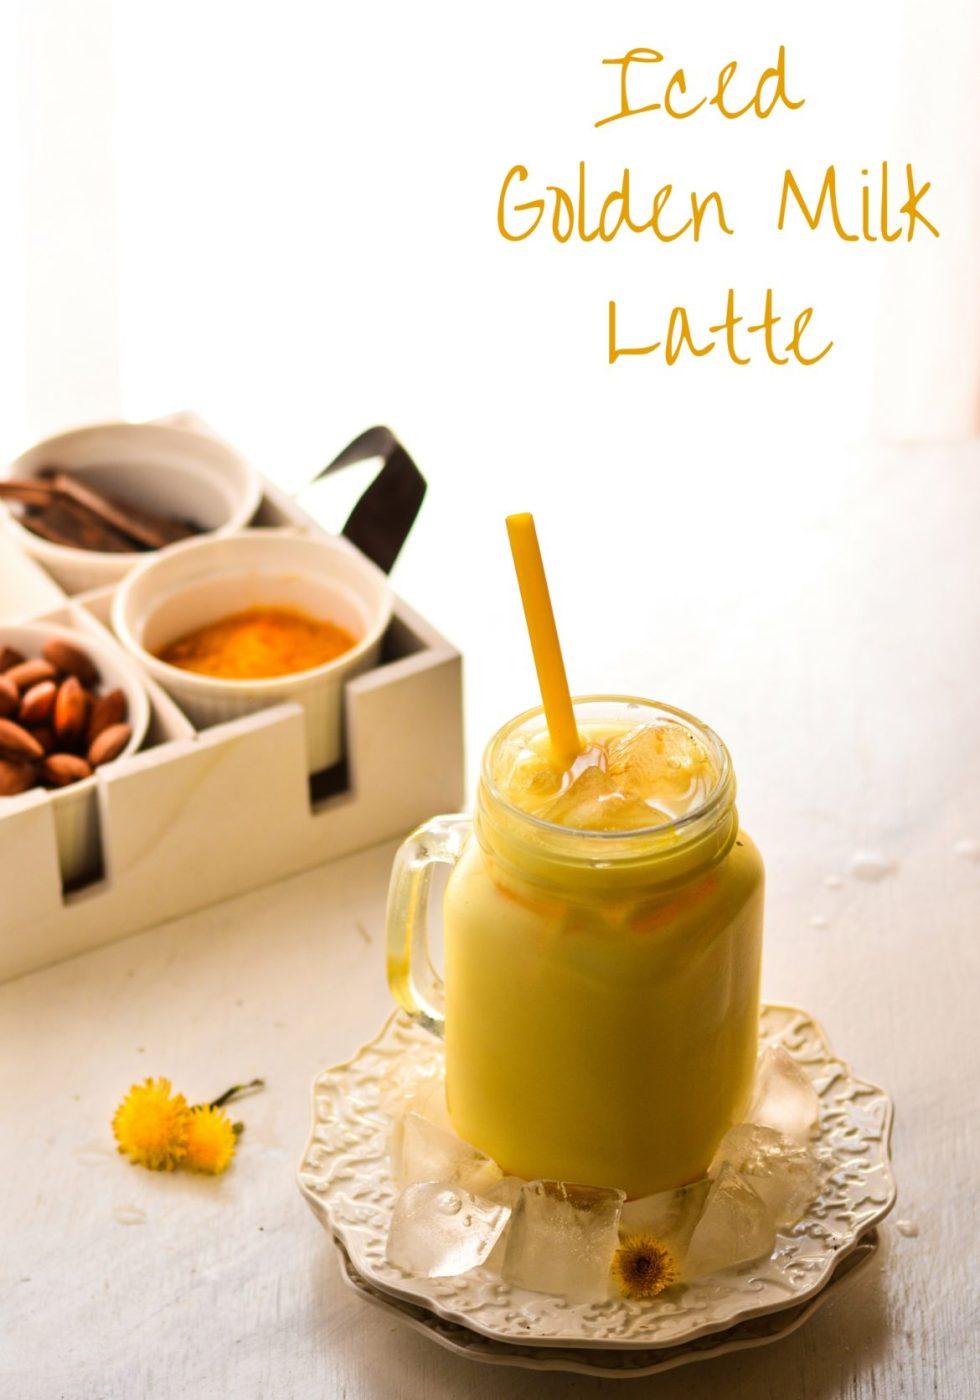 Iced Golden Milk Latte